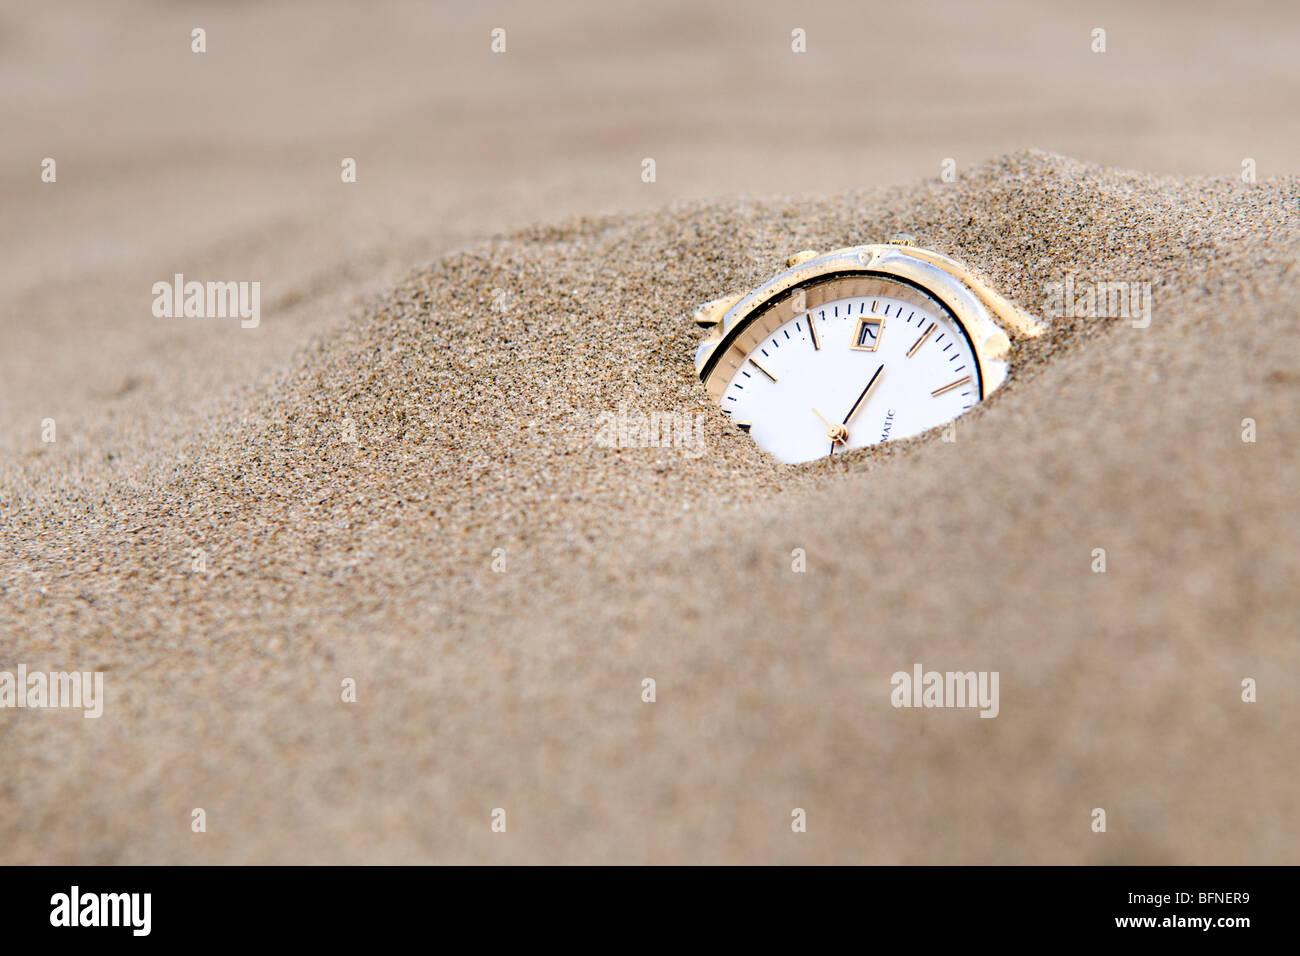 Ver enterrado en la arena tomadas para describir el concepto de las arenas del tiempo Imagen De Stock